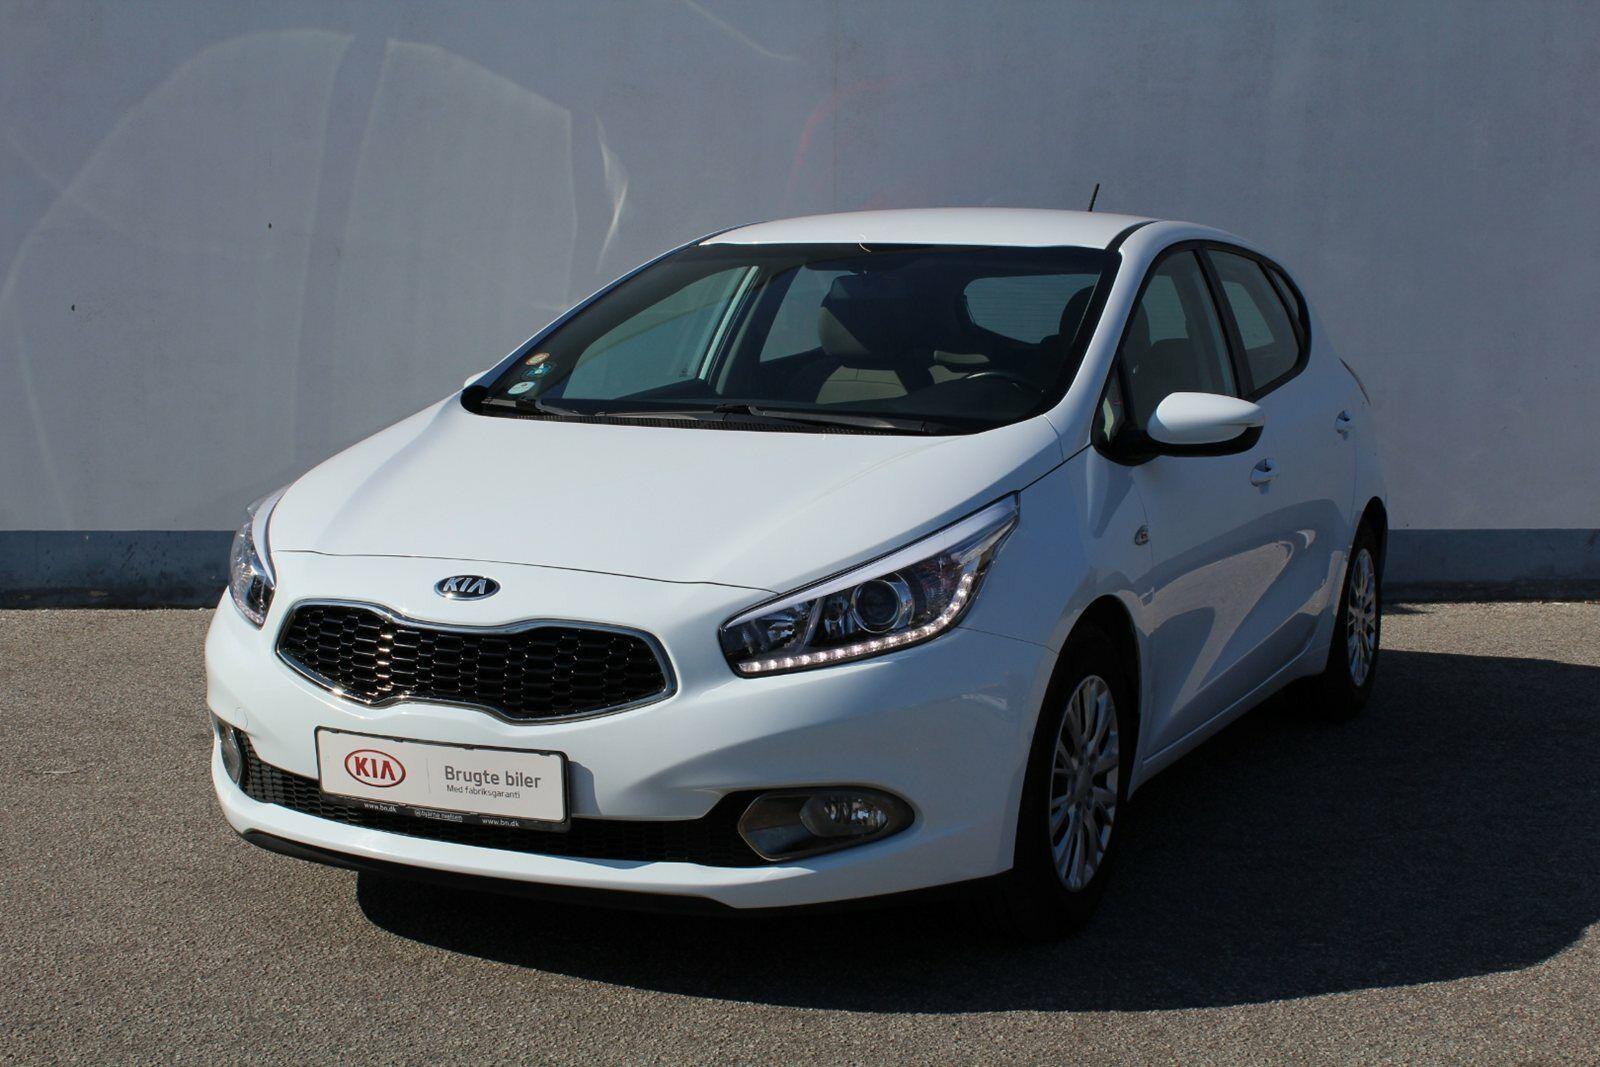 Kia Ceed 1,4 CVVT Limited